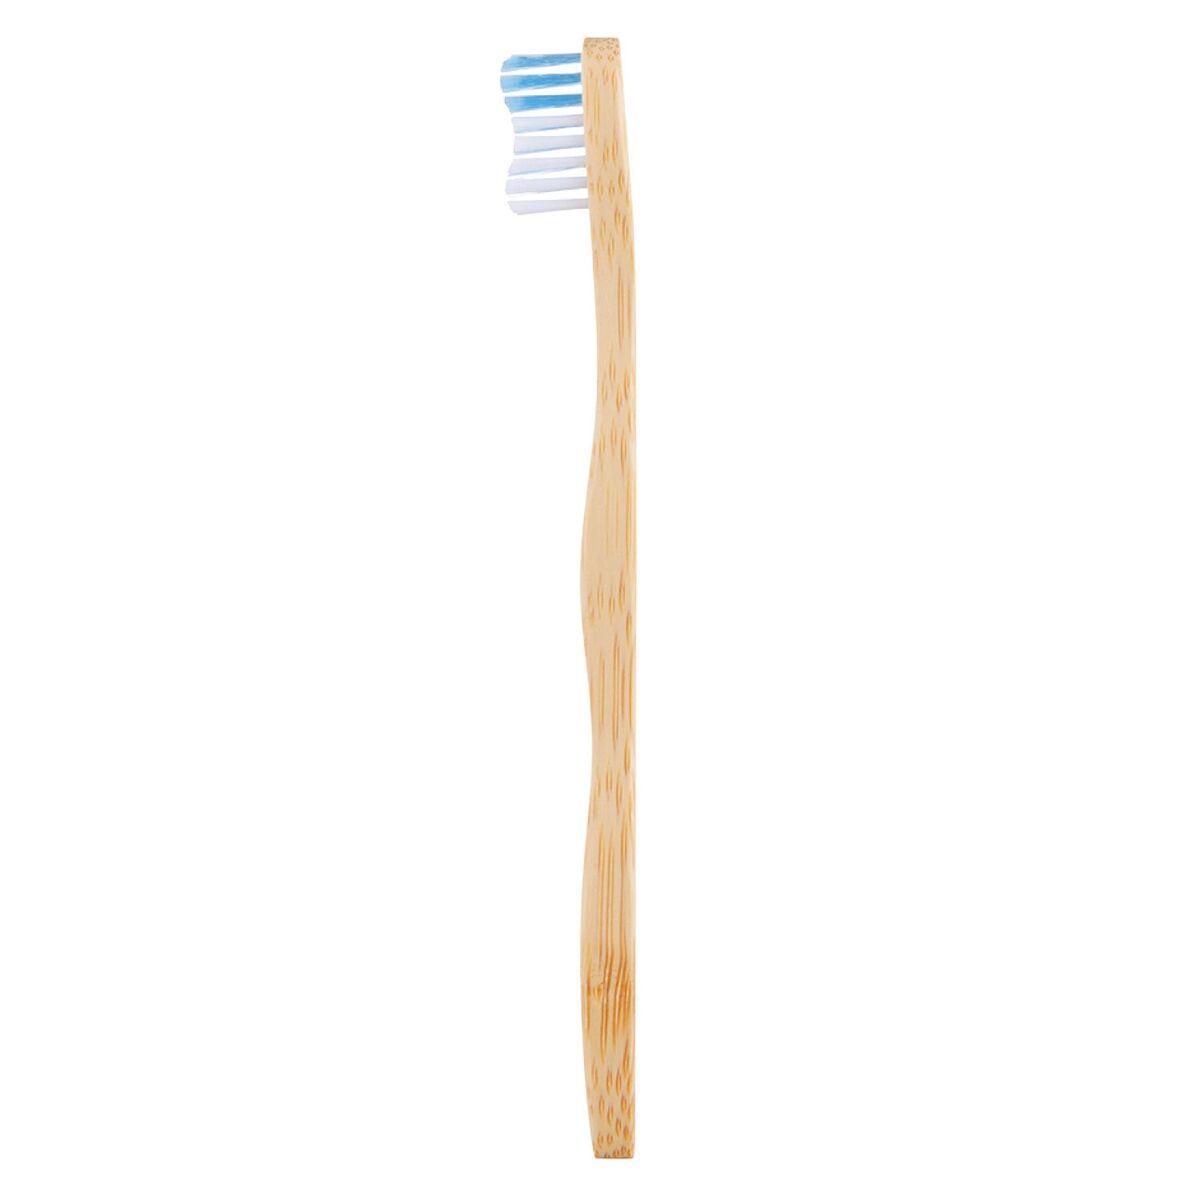 Bild 3 von EURODONT Bambus-Zahnbürste